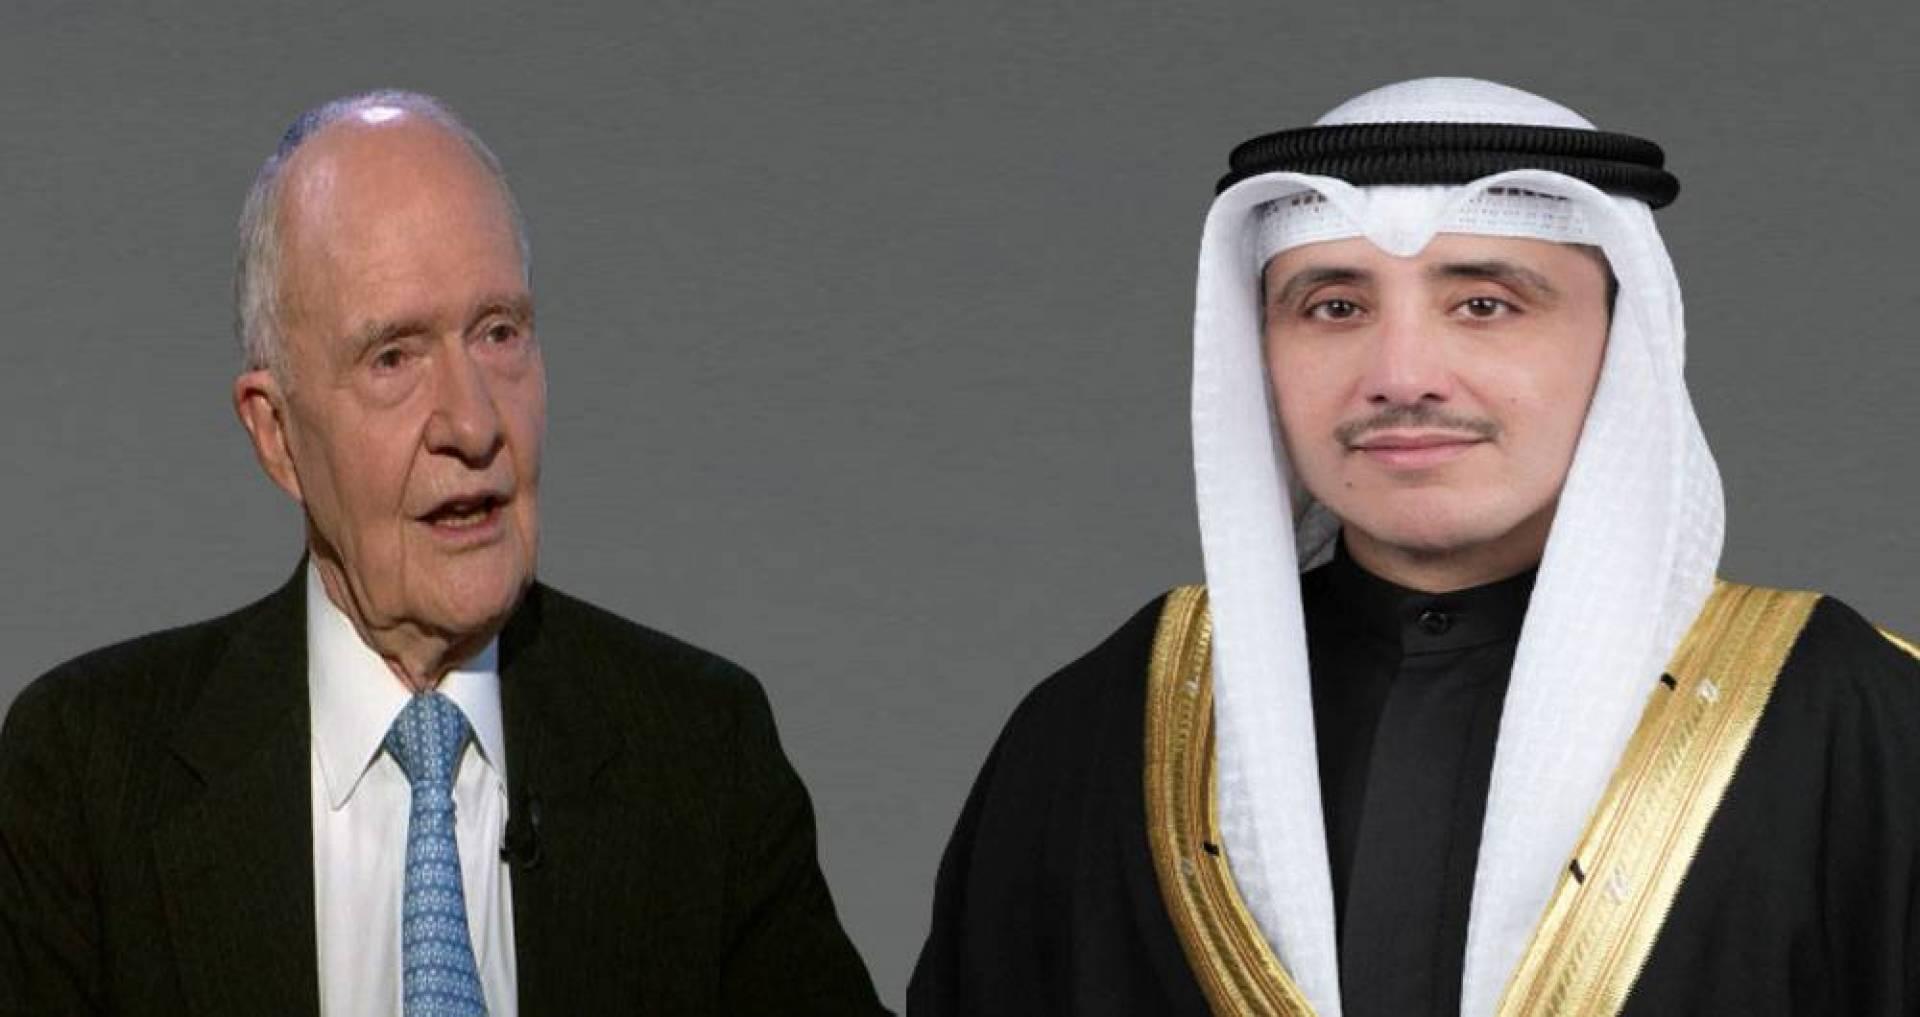 وزير الخارجية يعزي بوفاة مستشار الأمن القومي الأميركي الأسبق